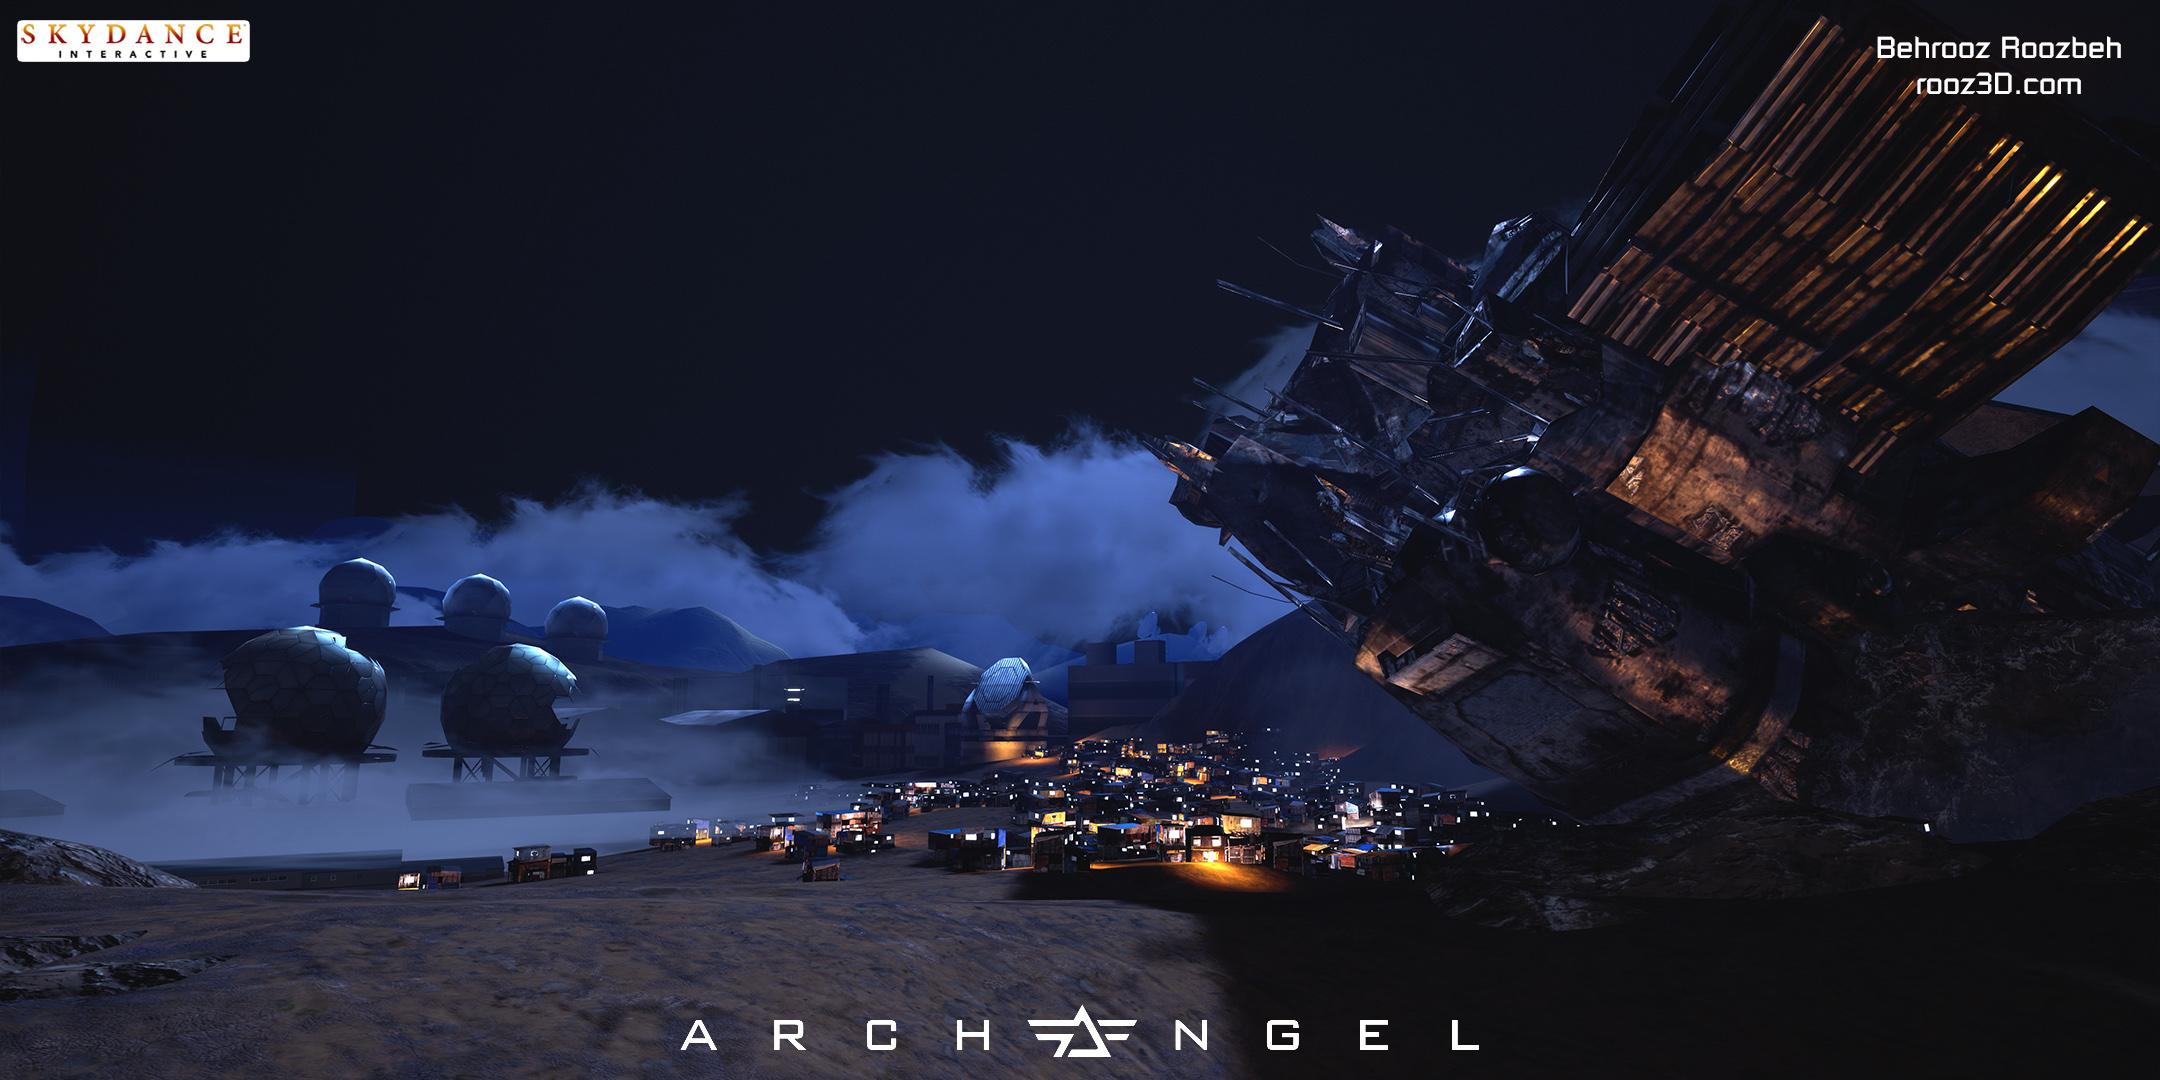 Archangel_VR_07.jpg